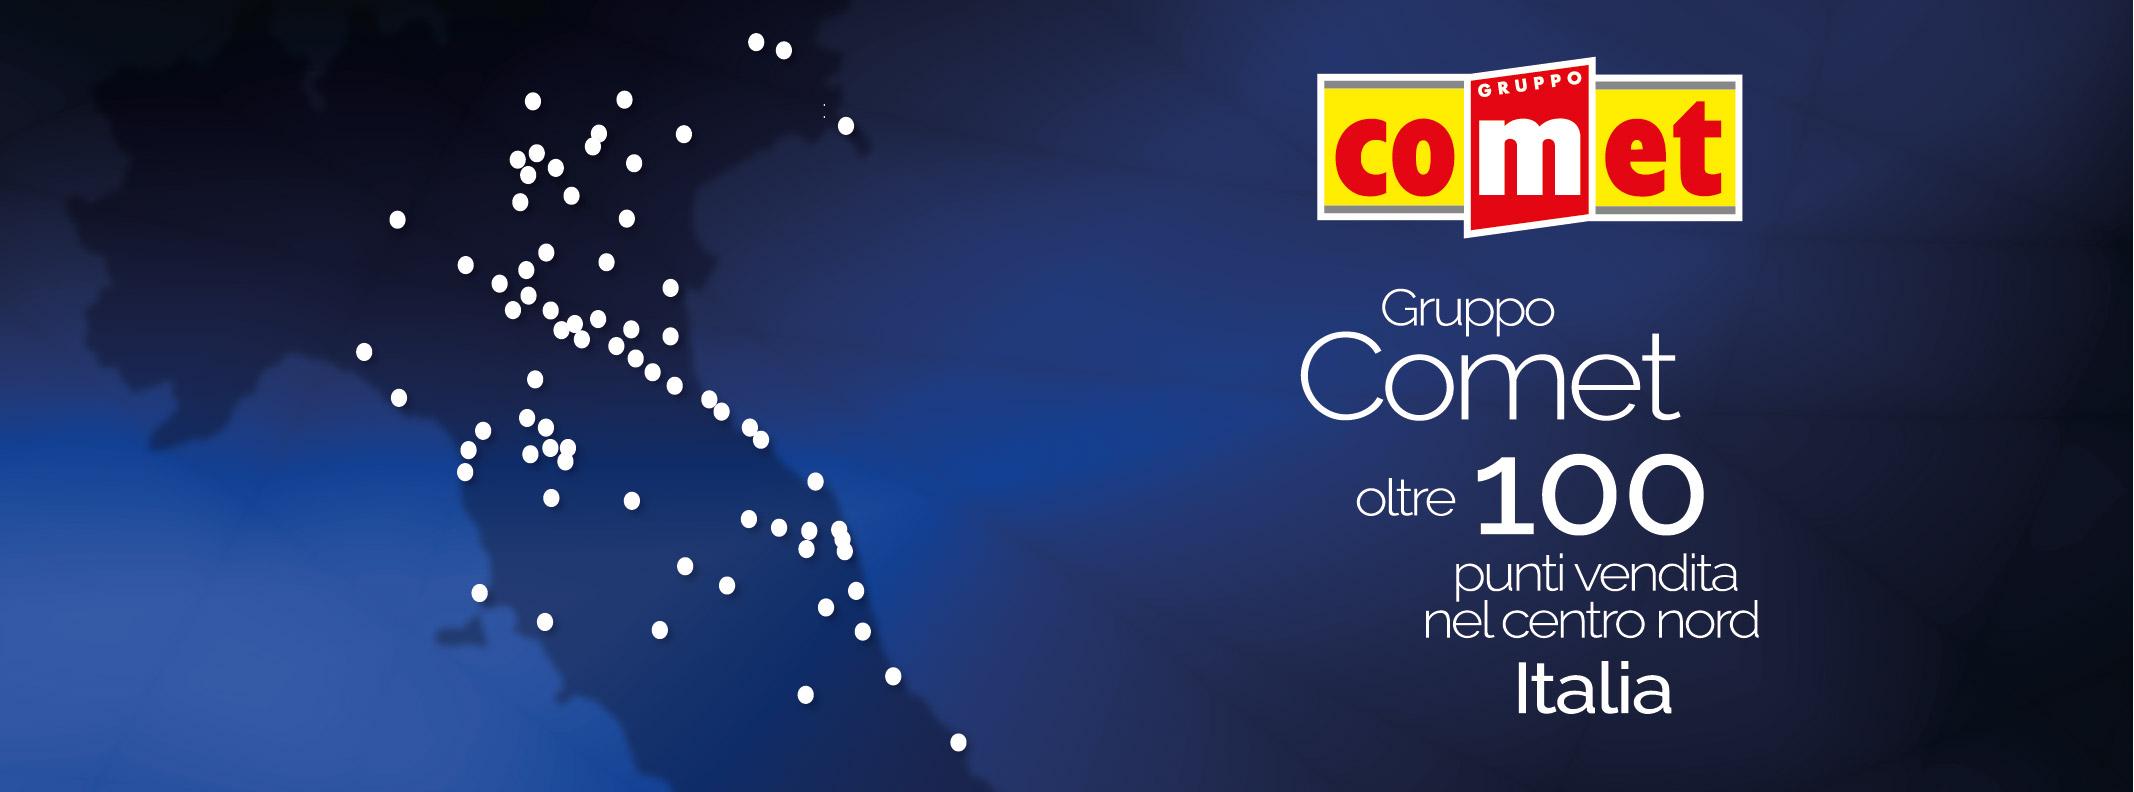 gruppo comet_Tavola disegno 1